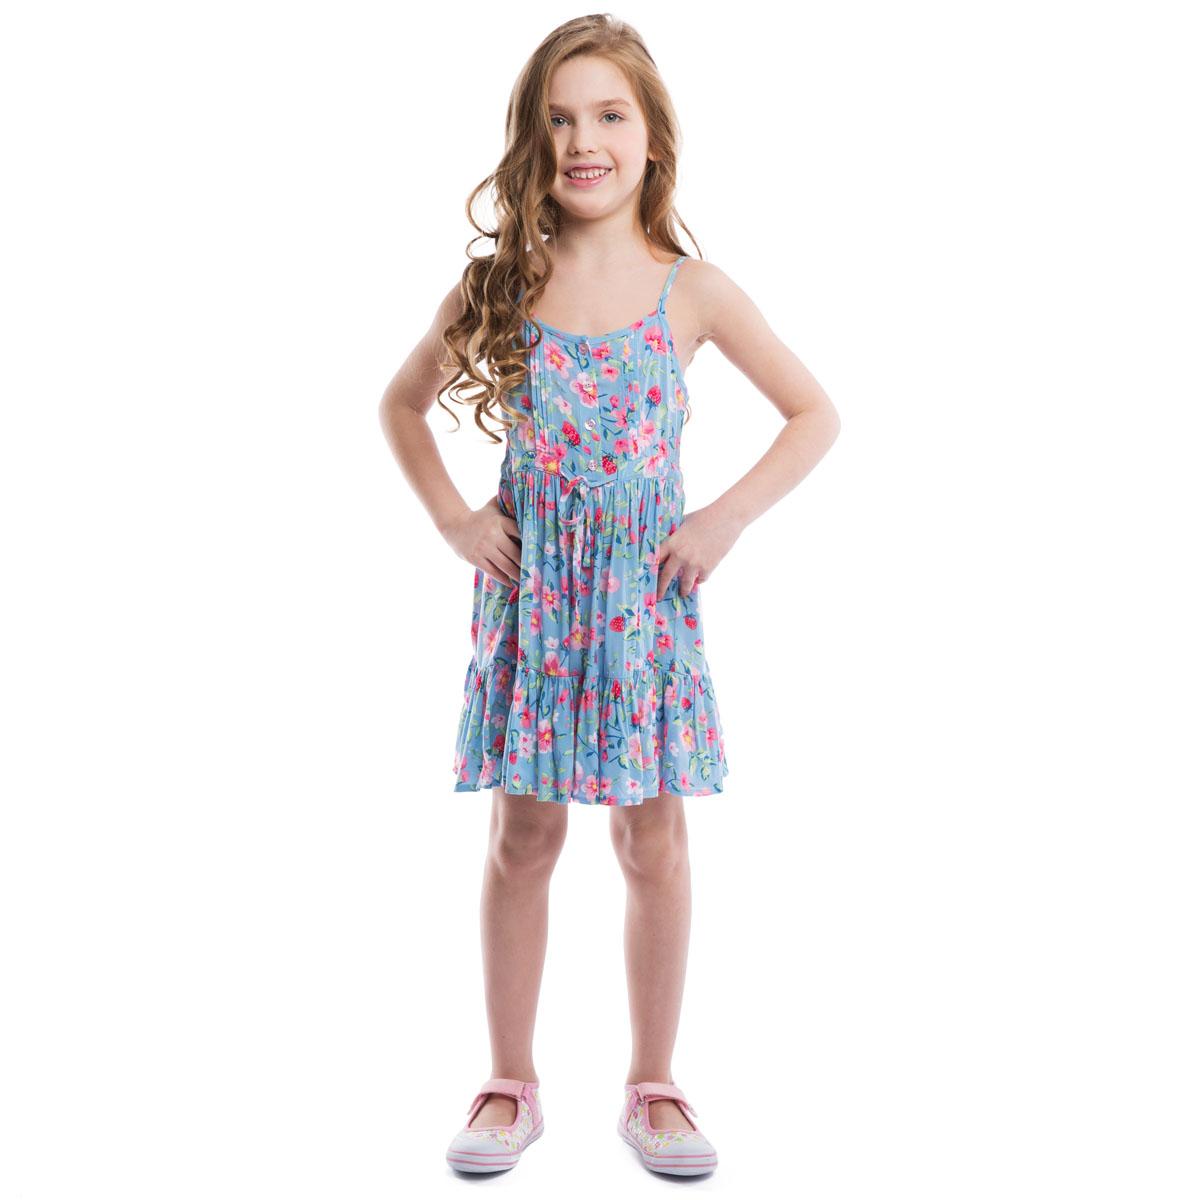 Сарафан для девочки PlayToday, цвет: голубой, розовый. 262004. Размер 122, 7 лет262004Воздушный сарафан для девочки PlayToday идеально подойдет вашей маленькой моднице. Изготовленный из вискозы, он мягкий и приятный на ощупь, не сковывает движения и позволяет коже дышать, не раздражает даже самую нежную и чувствительную кожу ребенка, обеспечивая наибольший комфорт. Сарафан трапециевидного кроя на тонких регулируемых бретелях оформлен нежным цветочным принтом. Модель спереди застегивается на пуговицы до линии талии. На груди имеются изящные пришитые складки. На спинке модель присборена на тонкие эластичные резинки. Спереди сарафан дополнен скрытыми завязками. Пышная юбка с пришитой к подолу широкой оборкой придает изделию воздушность.Оригинальный дизайн и модная расцветка делают этот сарафан незаменимым предметом детского гардероба. В нем ваша маленькая леди всегда будет в центре внимания!